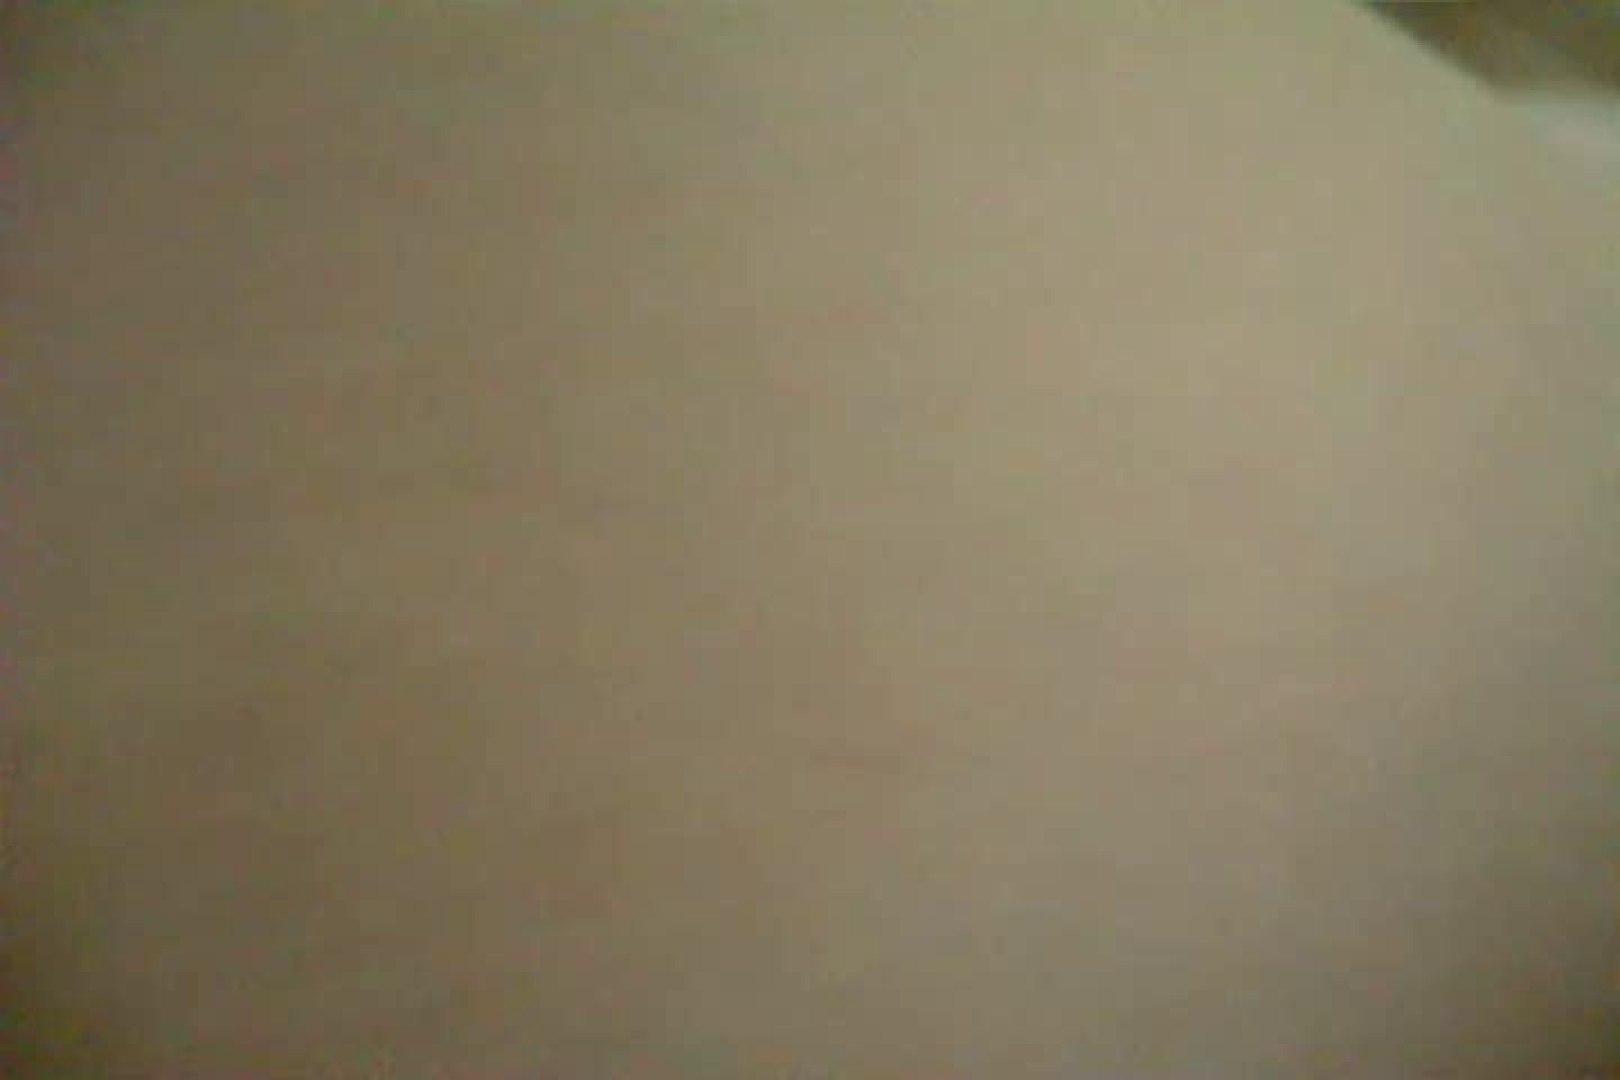 ウイルス流出 鹿児島県庁職員 中瀬瀬久成の流出ビデオ 流出作品  86pic 14